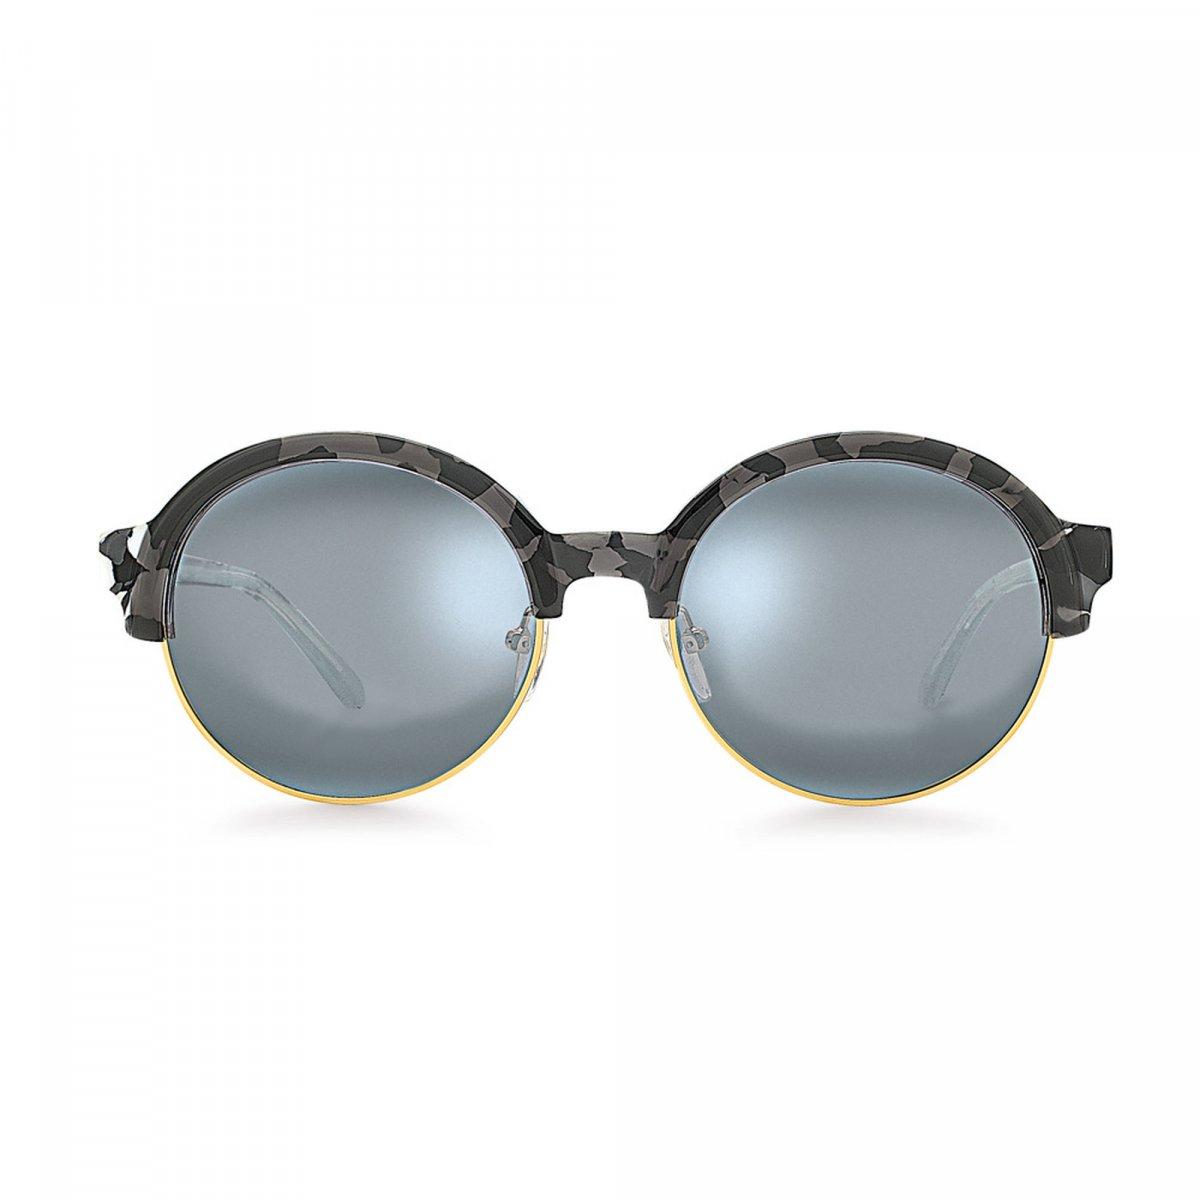 Okuliare FOLLI FOLLIE so šedým rámom